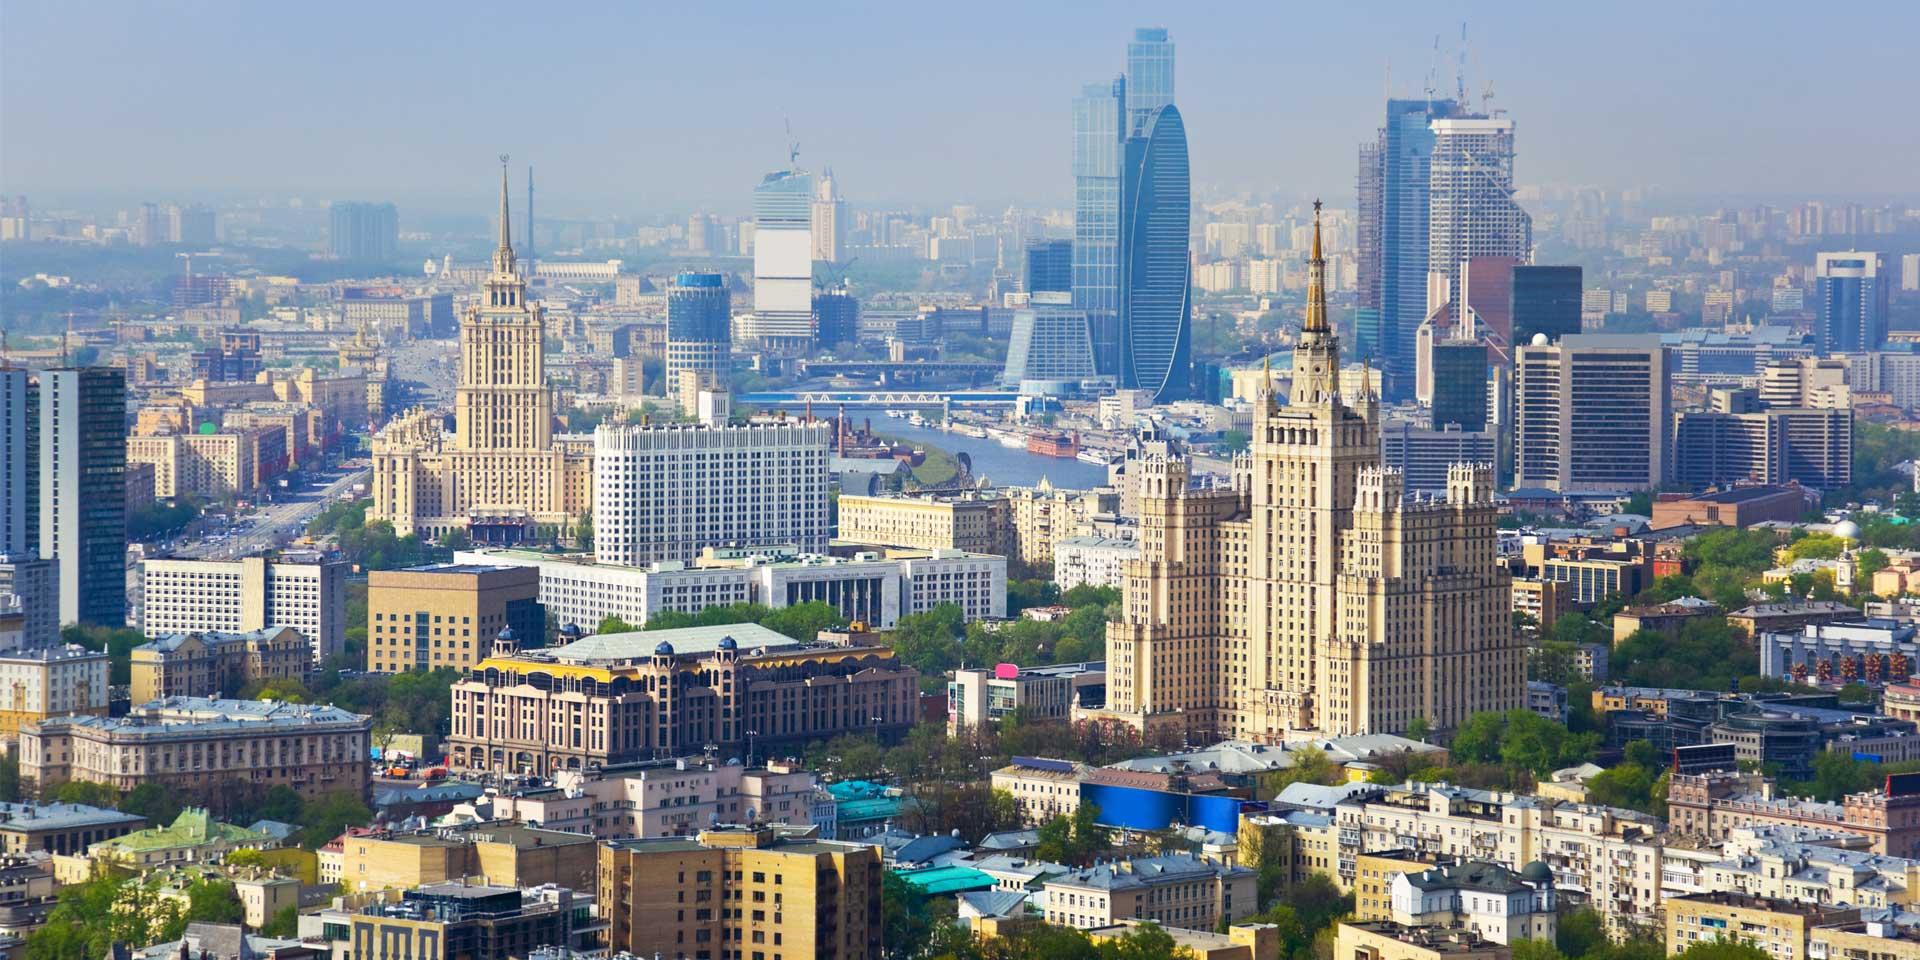 Moscow White & Case